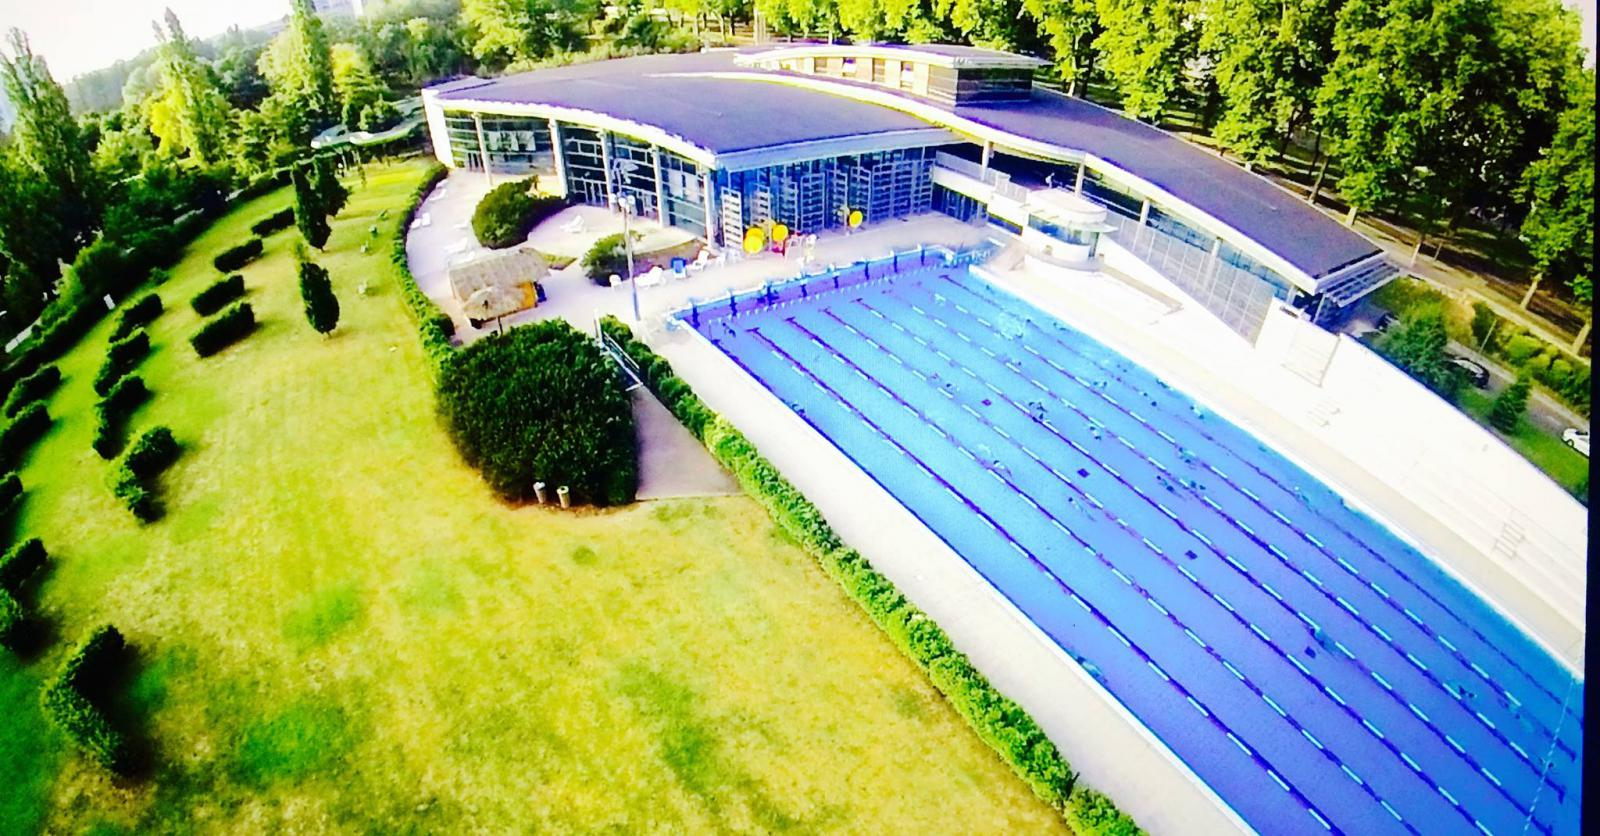 Centre Aquatique Du Lac : Bain Sauna Hammam Tours 37000 ... encequiconcerne Piscine Du Lac Tours